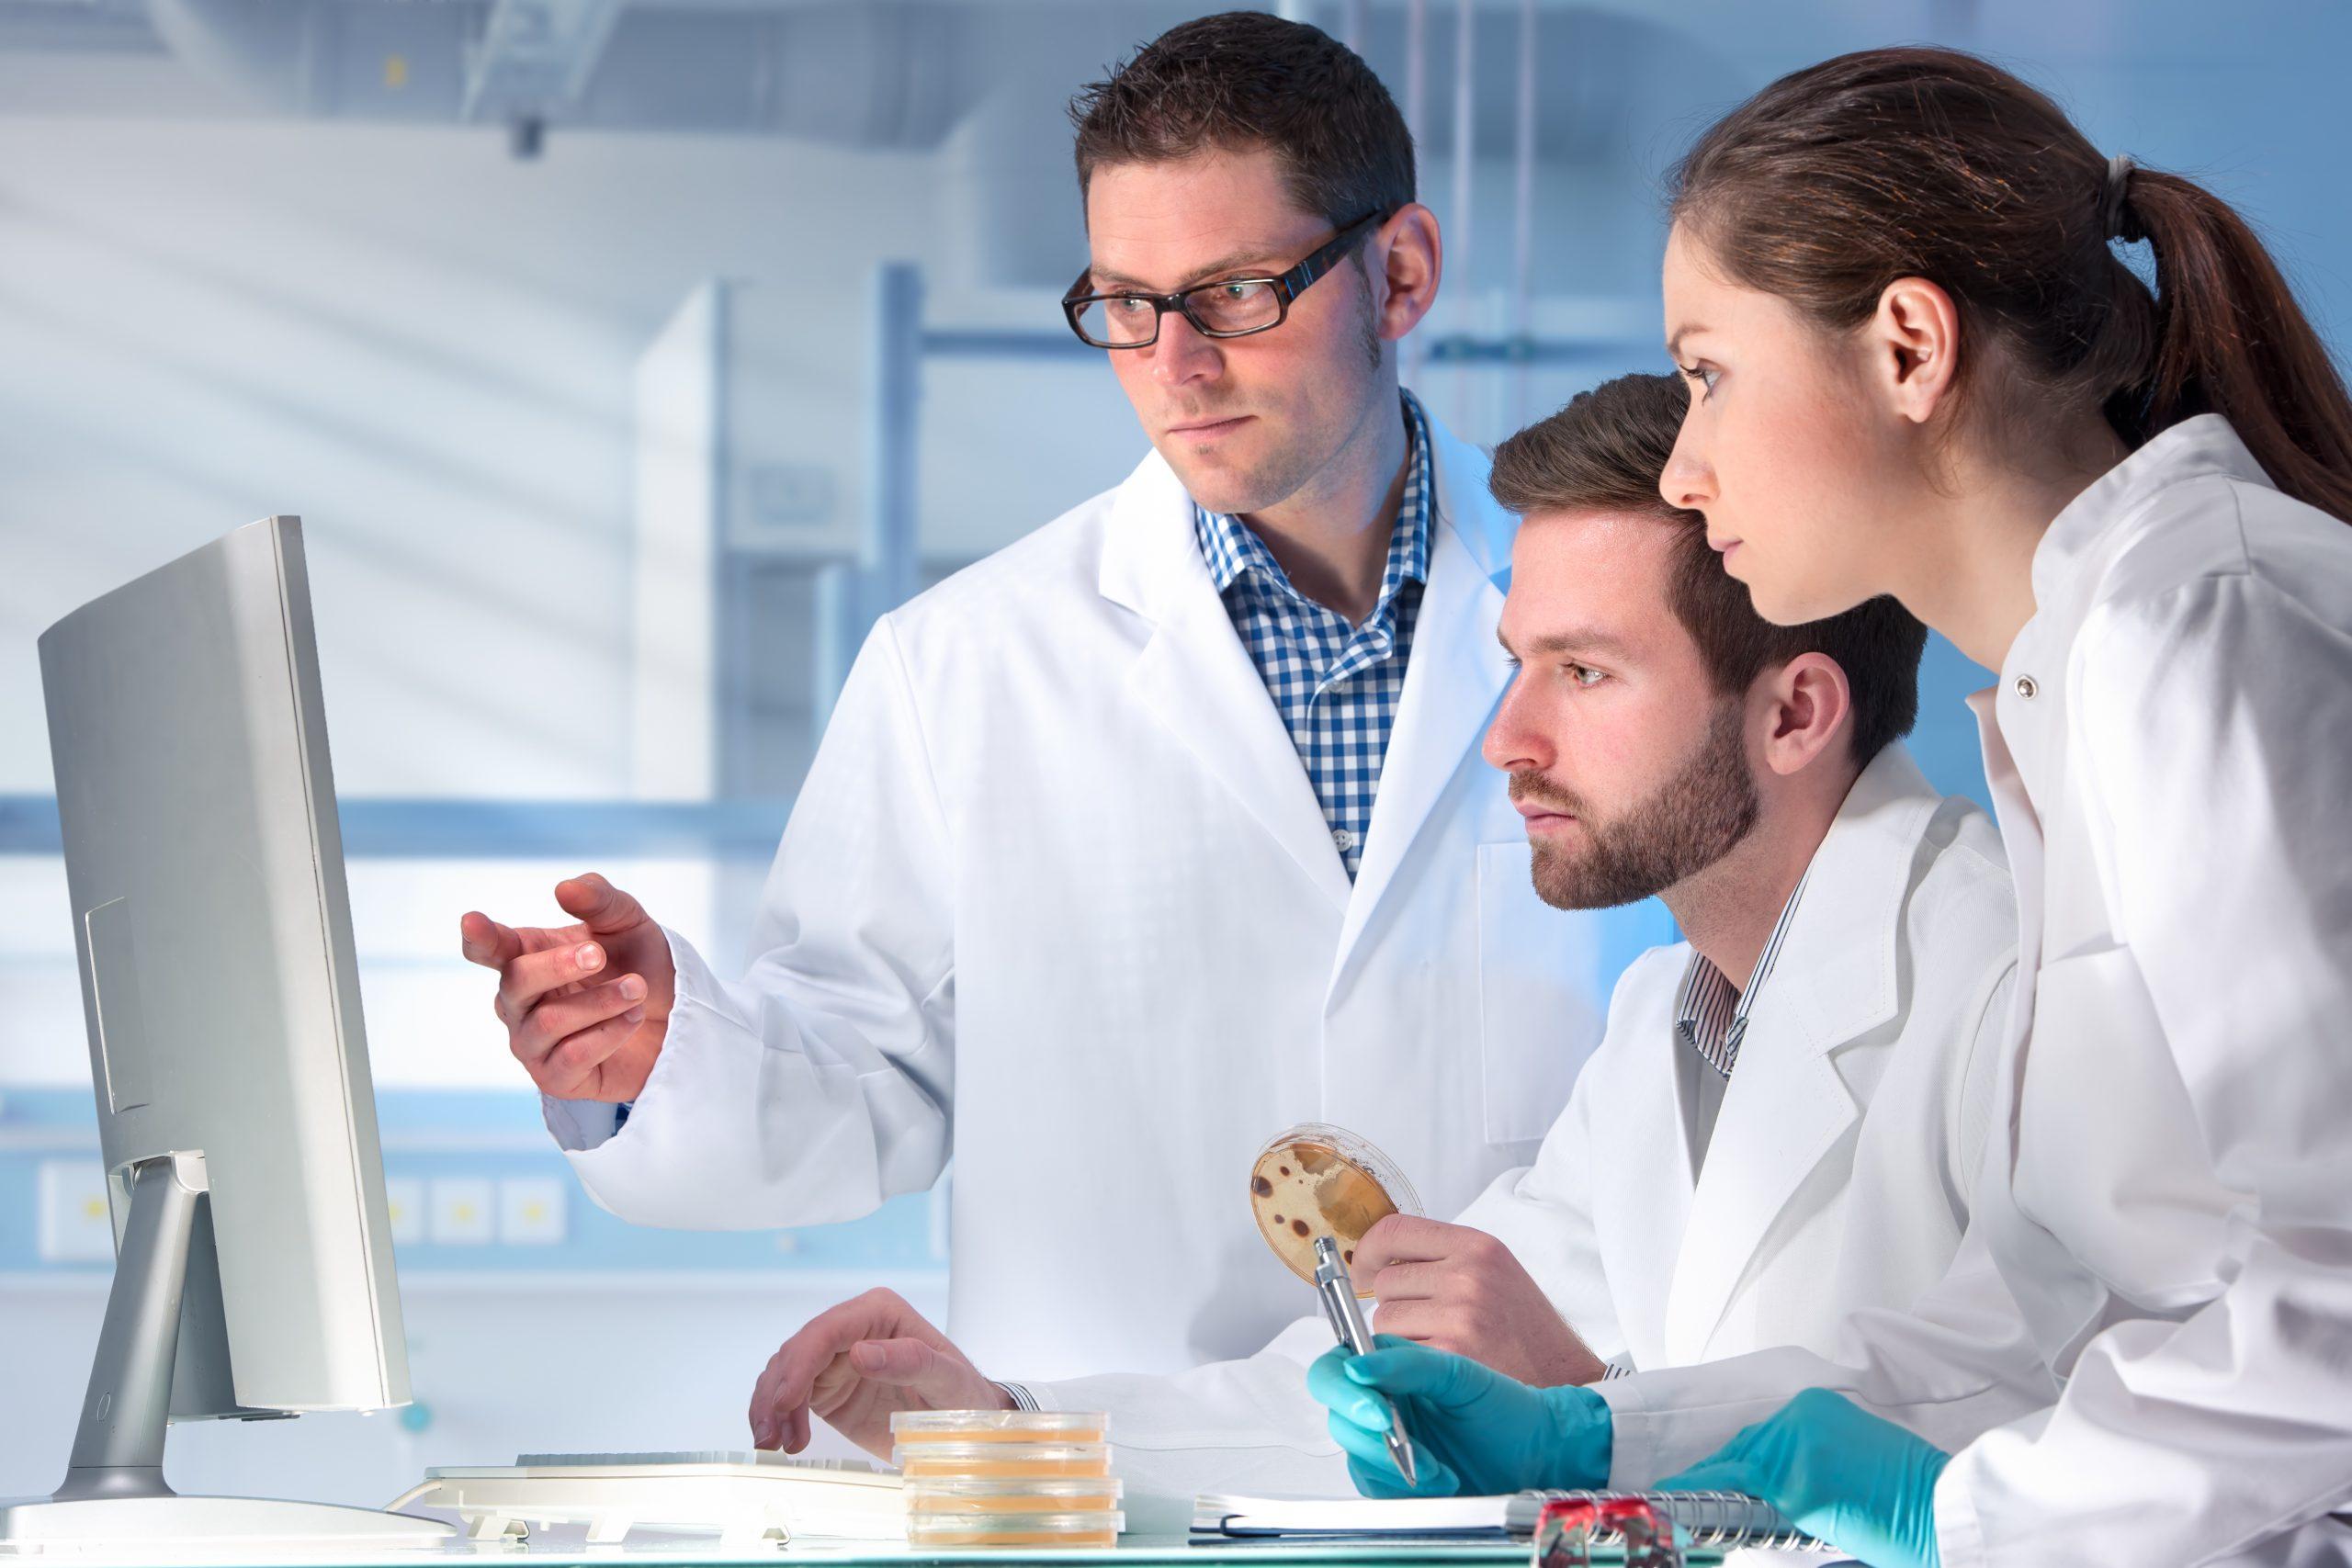 Антитела от одного вида коронавируса помогают переболеть в легкой форме другими штаммами коронавируса